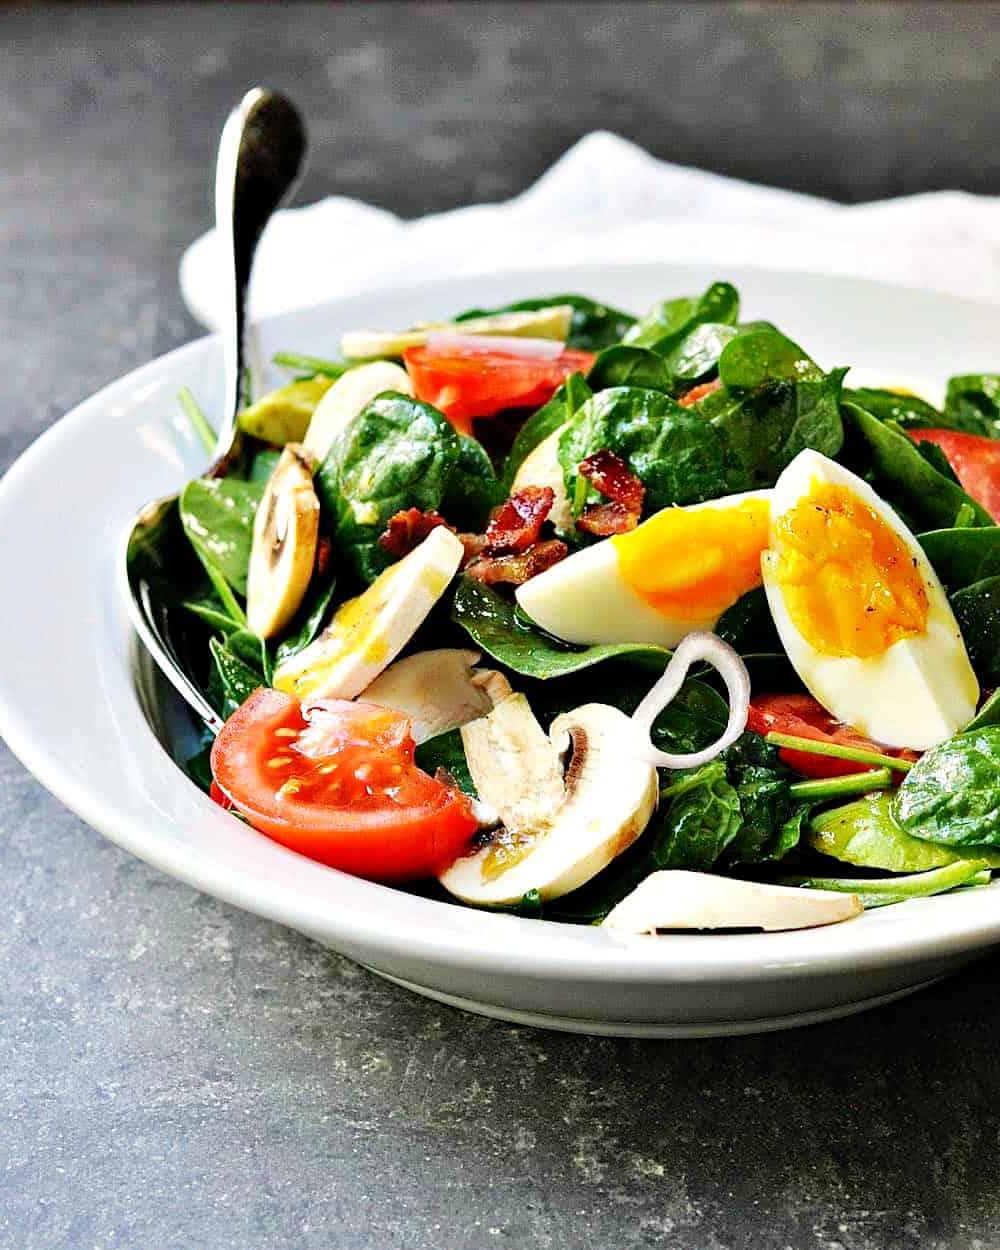 Une autre combinaison délicieuse - œufs, laitue et tomates, parfaite pour votre déjeuner.